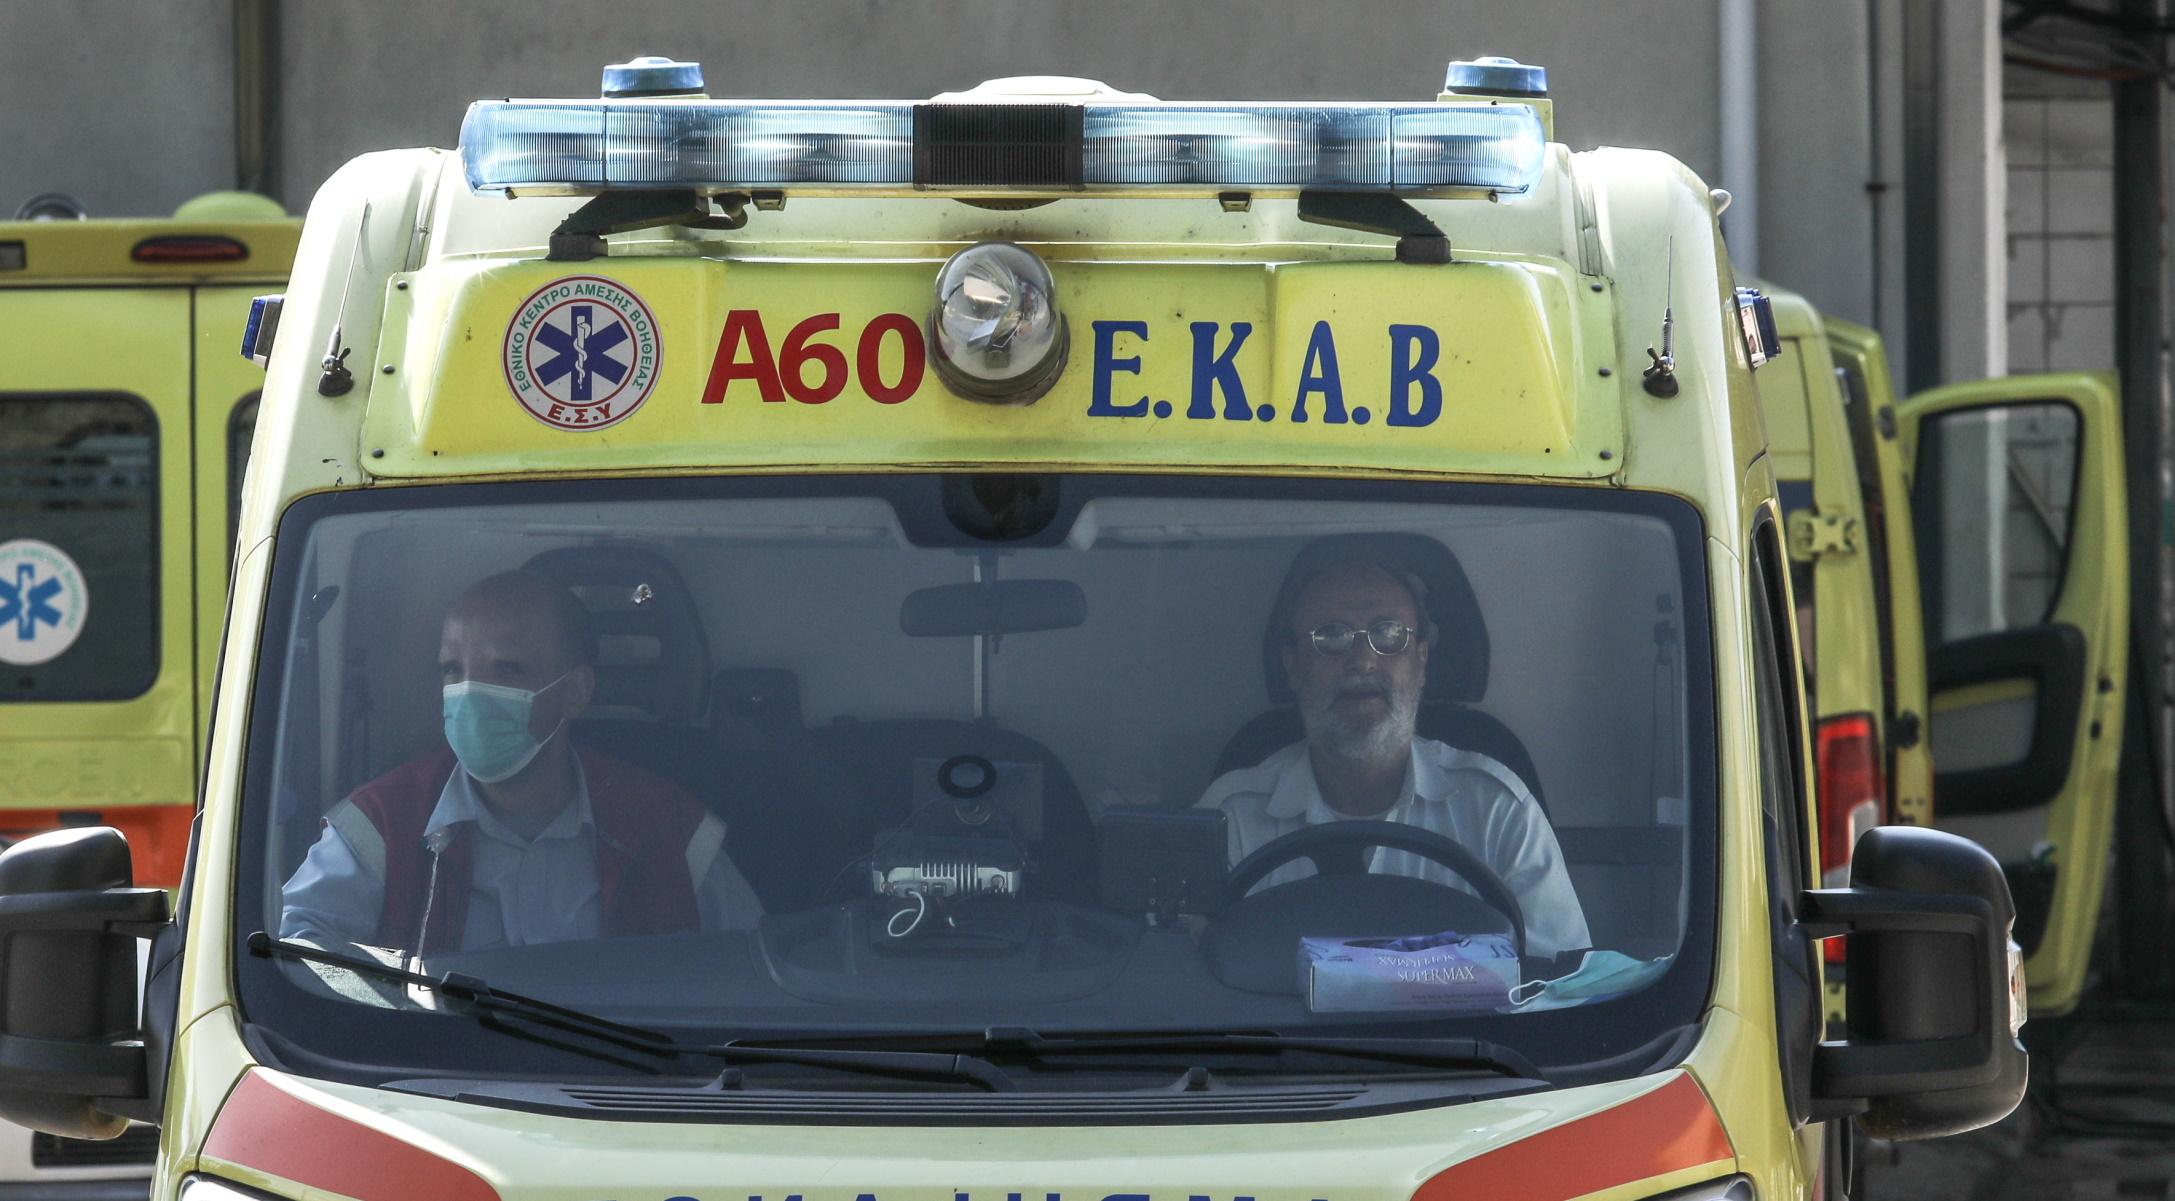 Κοζάνη: 76χρονος έπαθε εγκεφαλικό την ώρα που έτρωγε